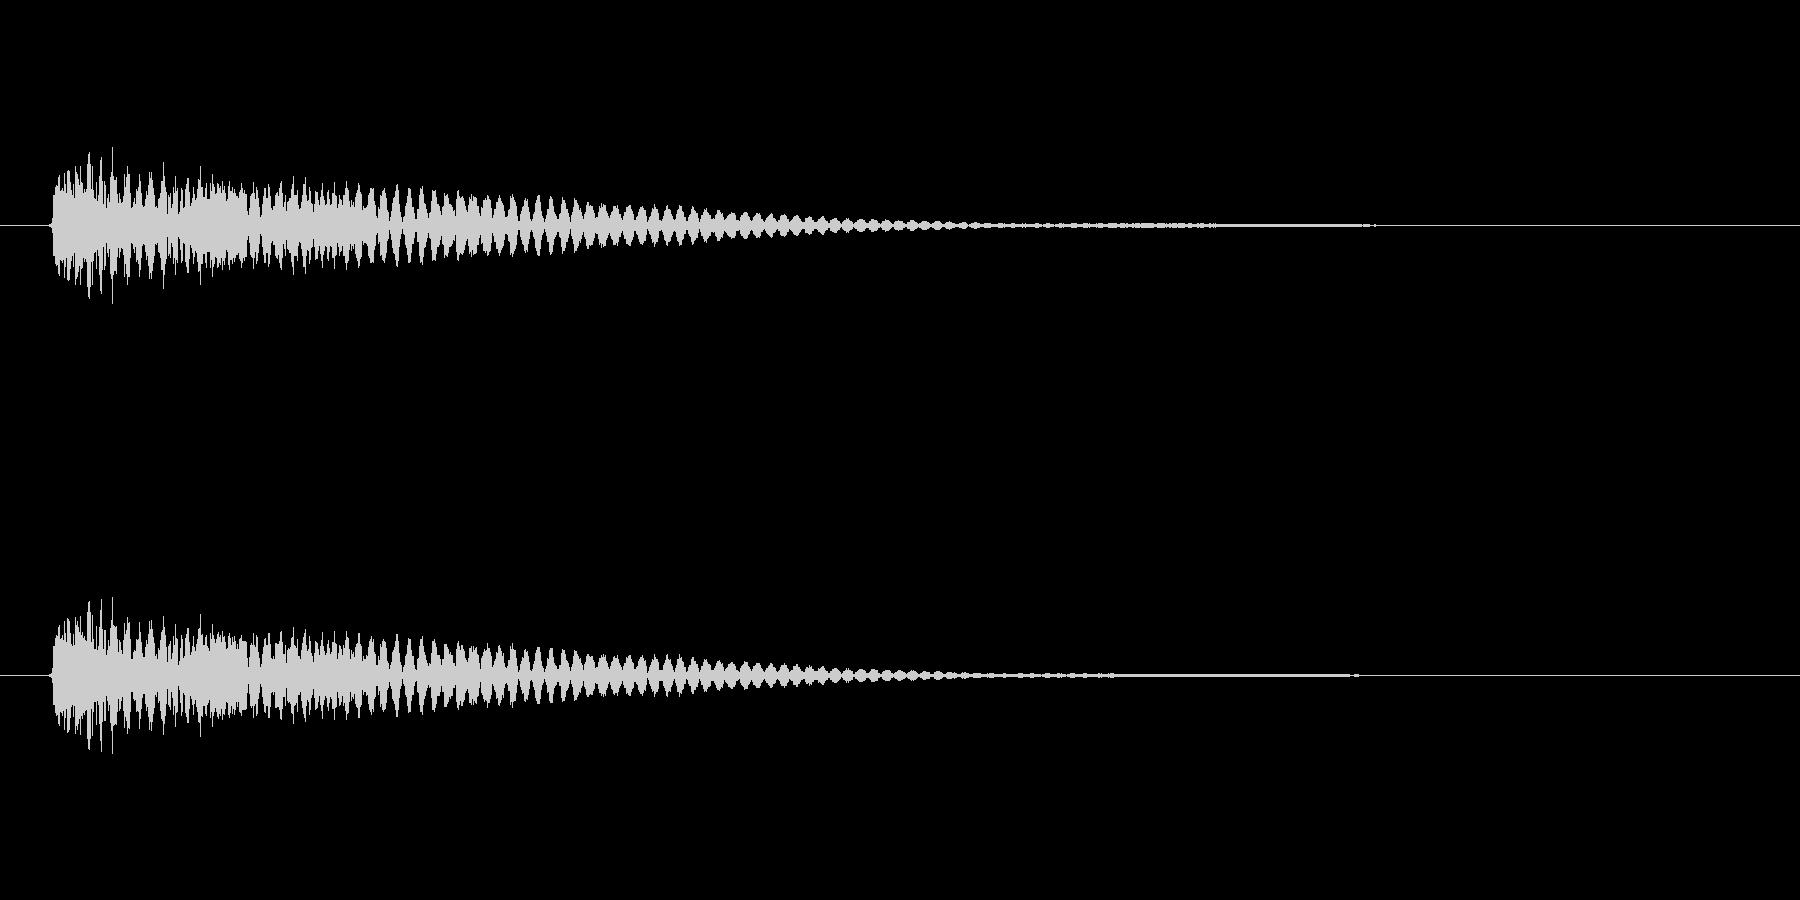 【ネガティブ09-1】の未再生の波形